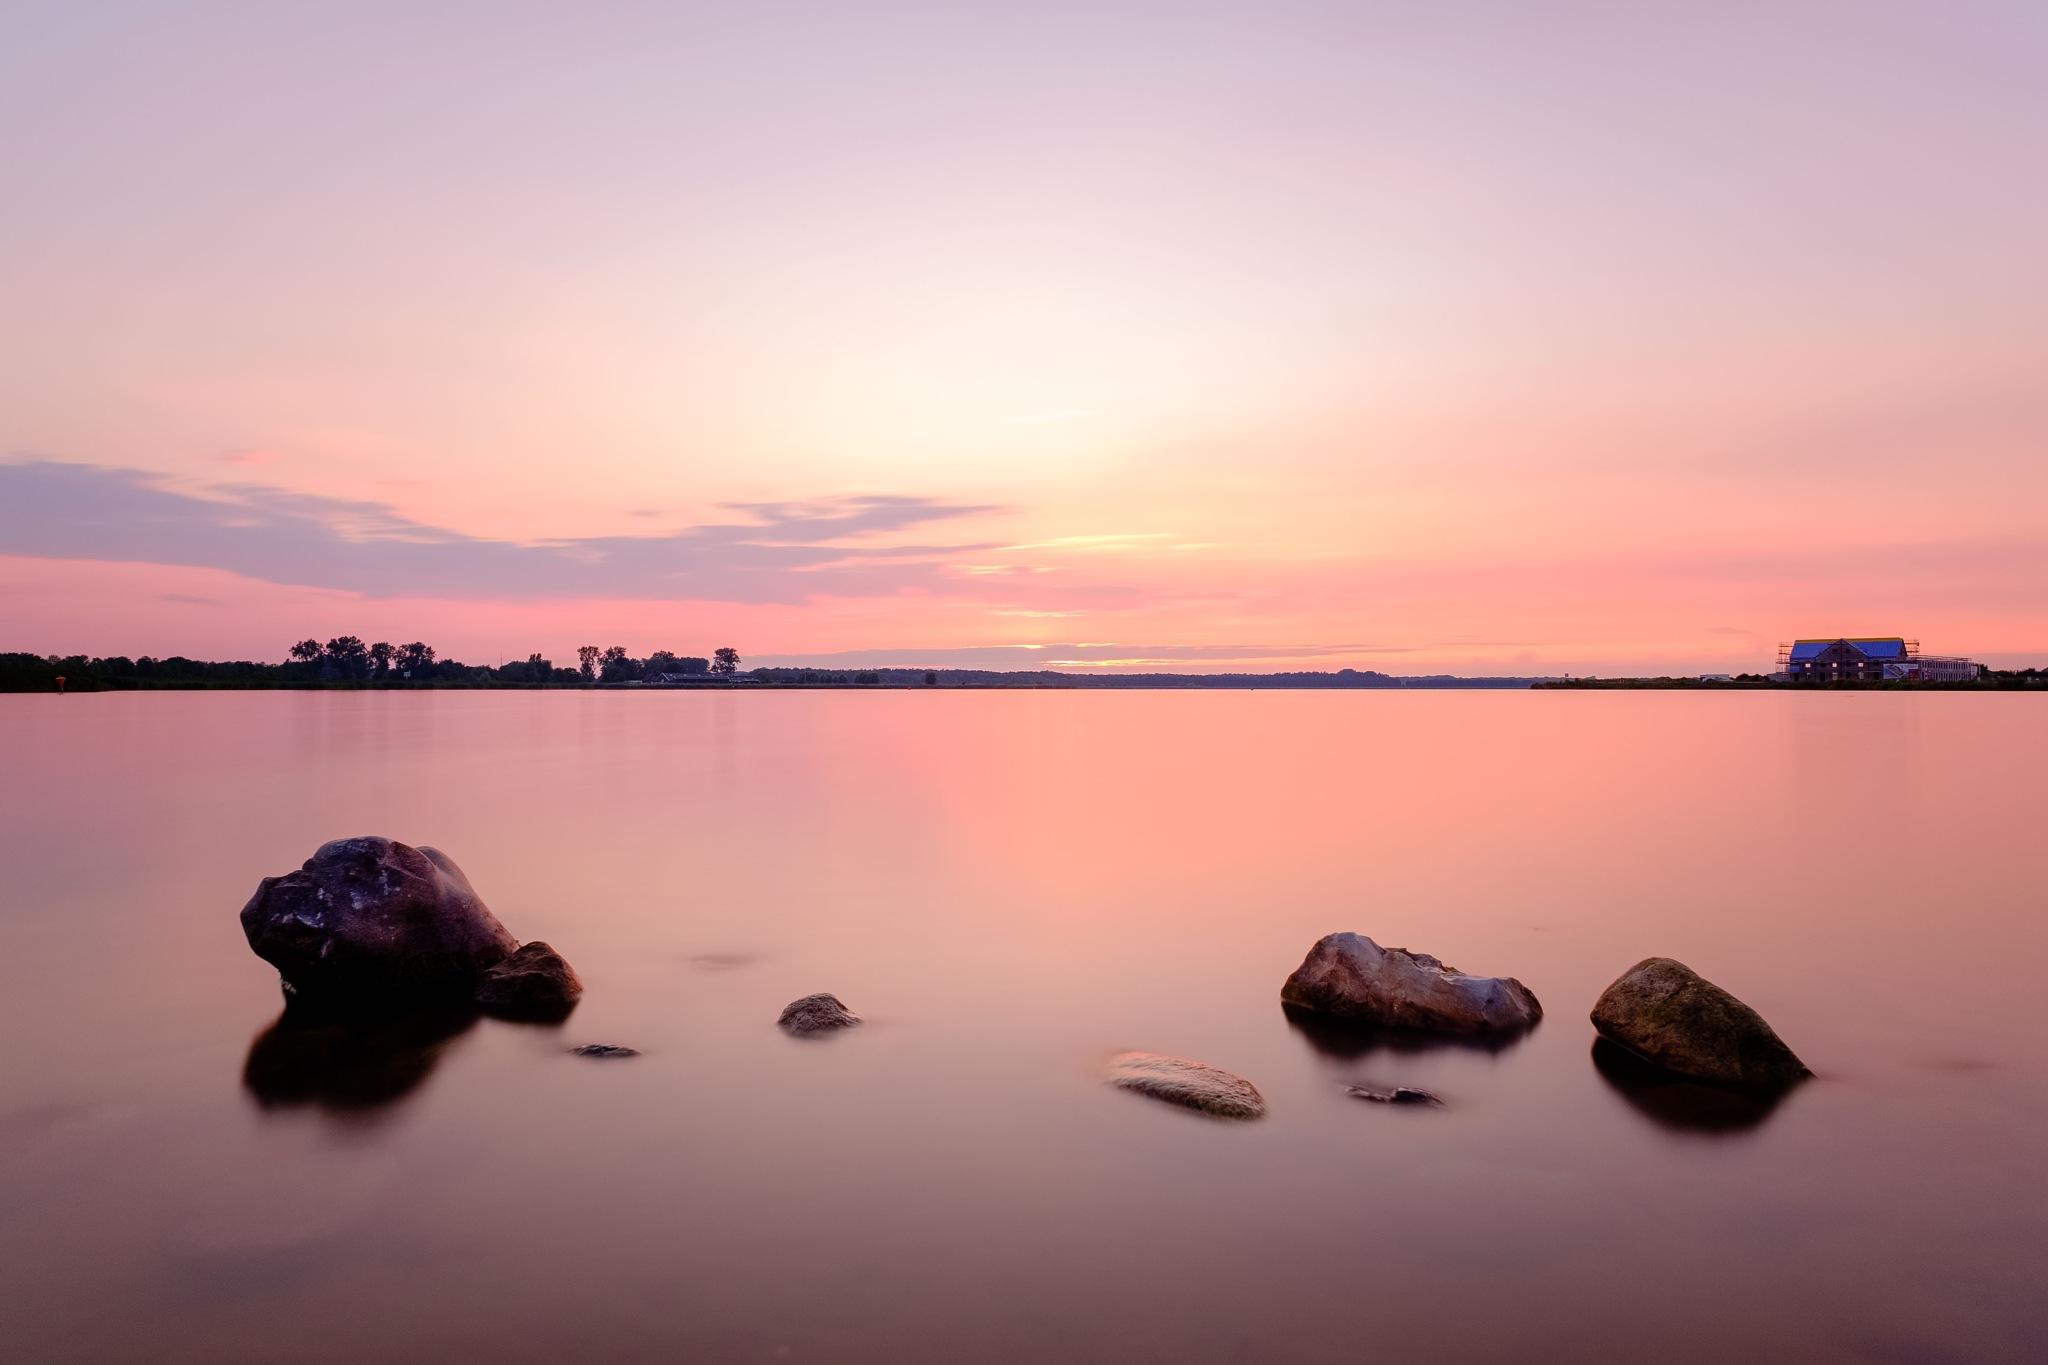 Pasteltinten bij zonsondergang | Pastel tones at sunset by Bas Wind